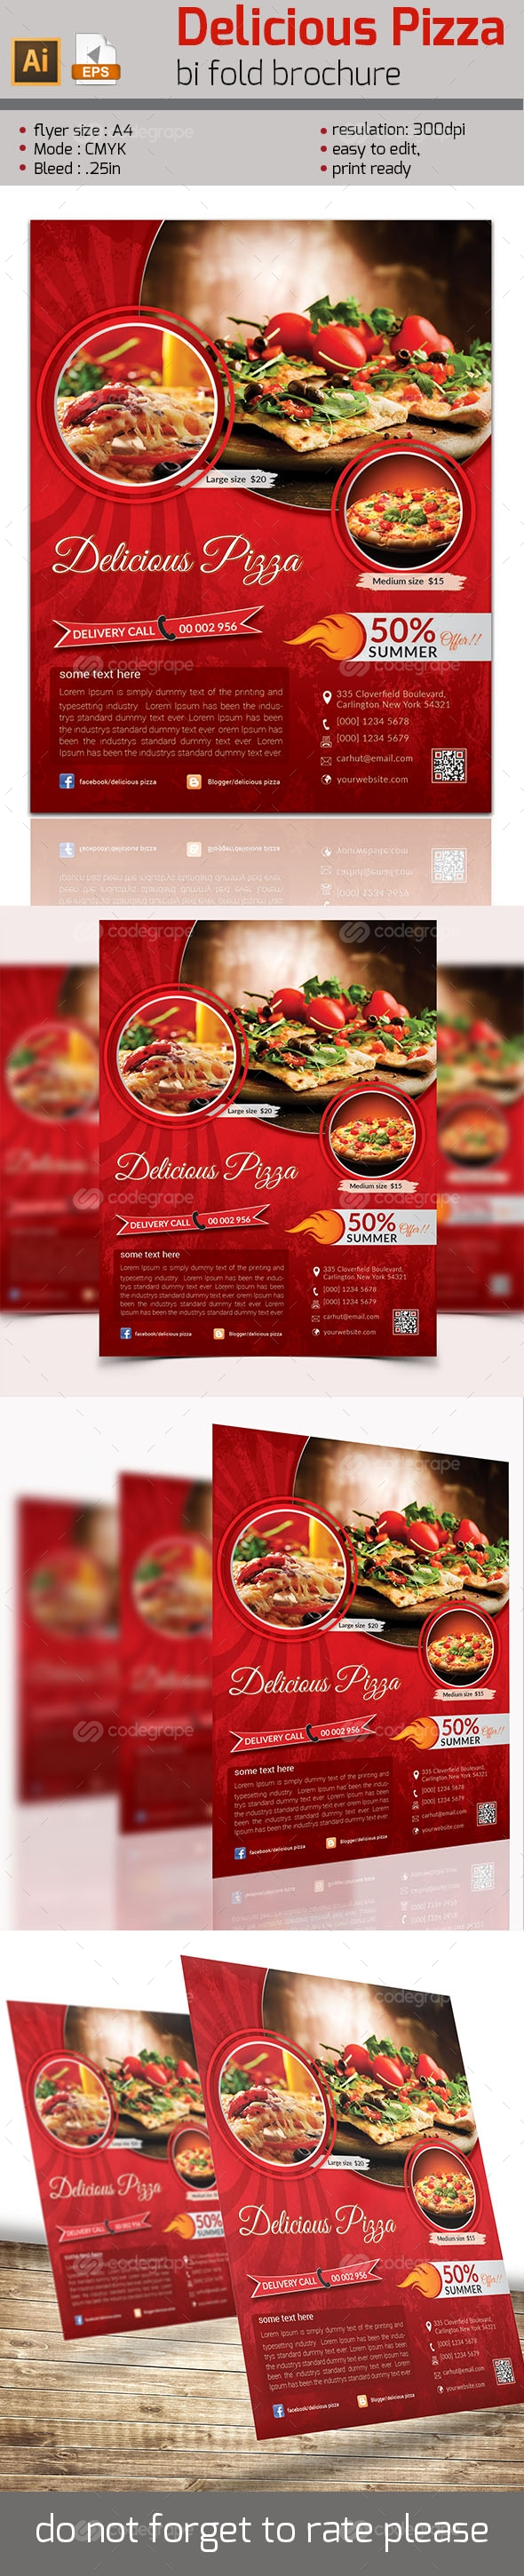 Delicious Pizza Flyer Template | Plantilla de folleto, Folletos y Ranas